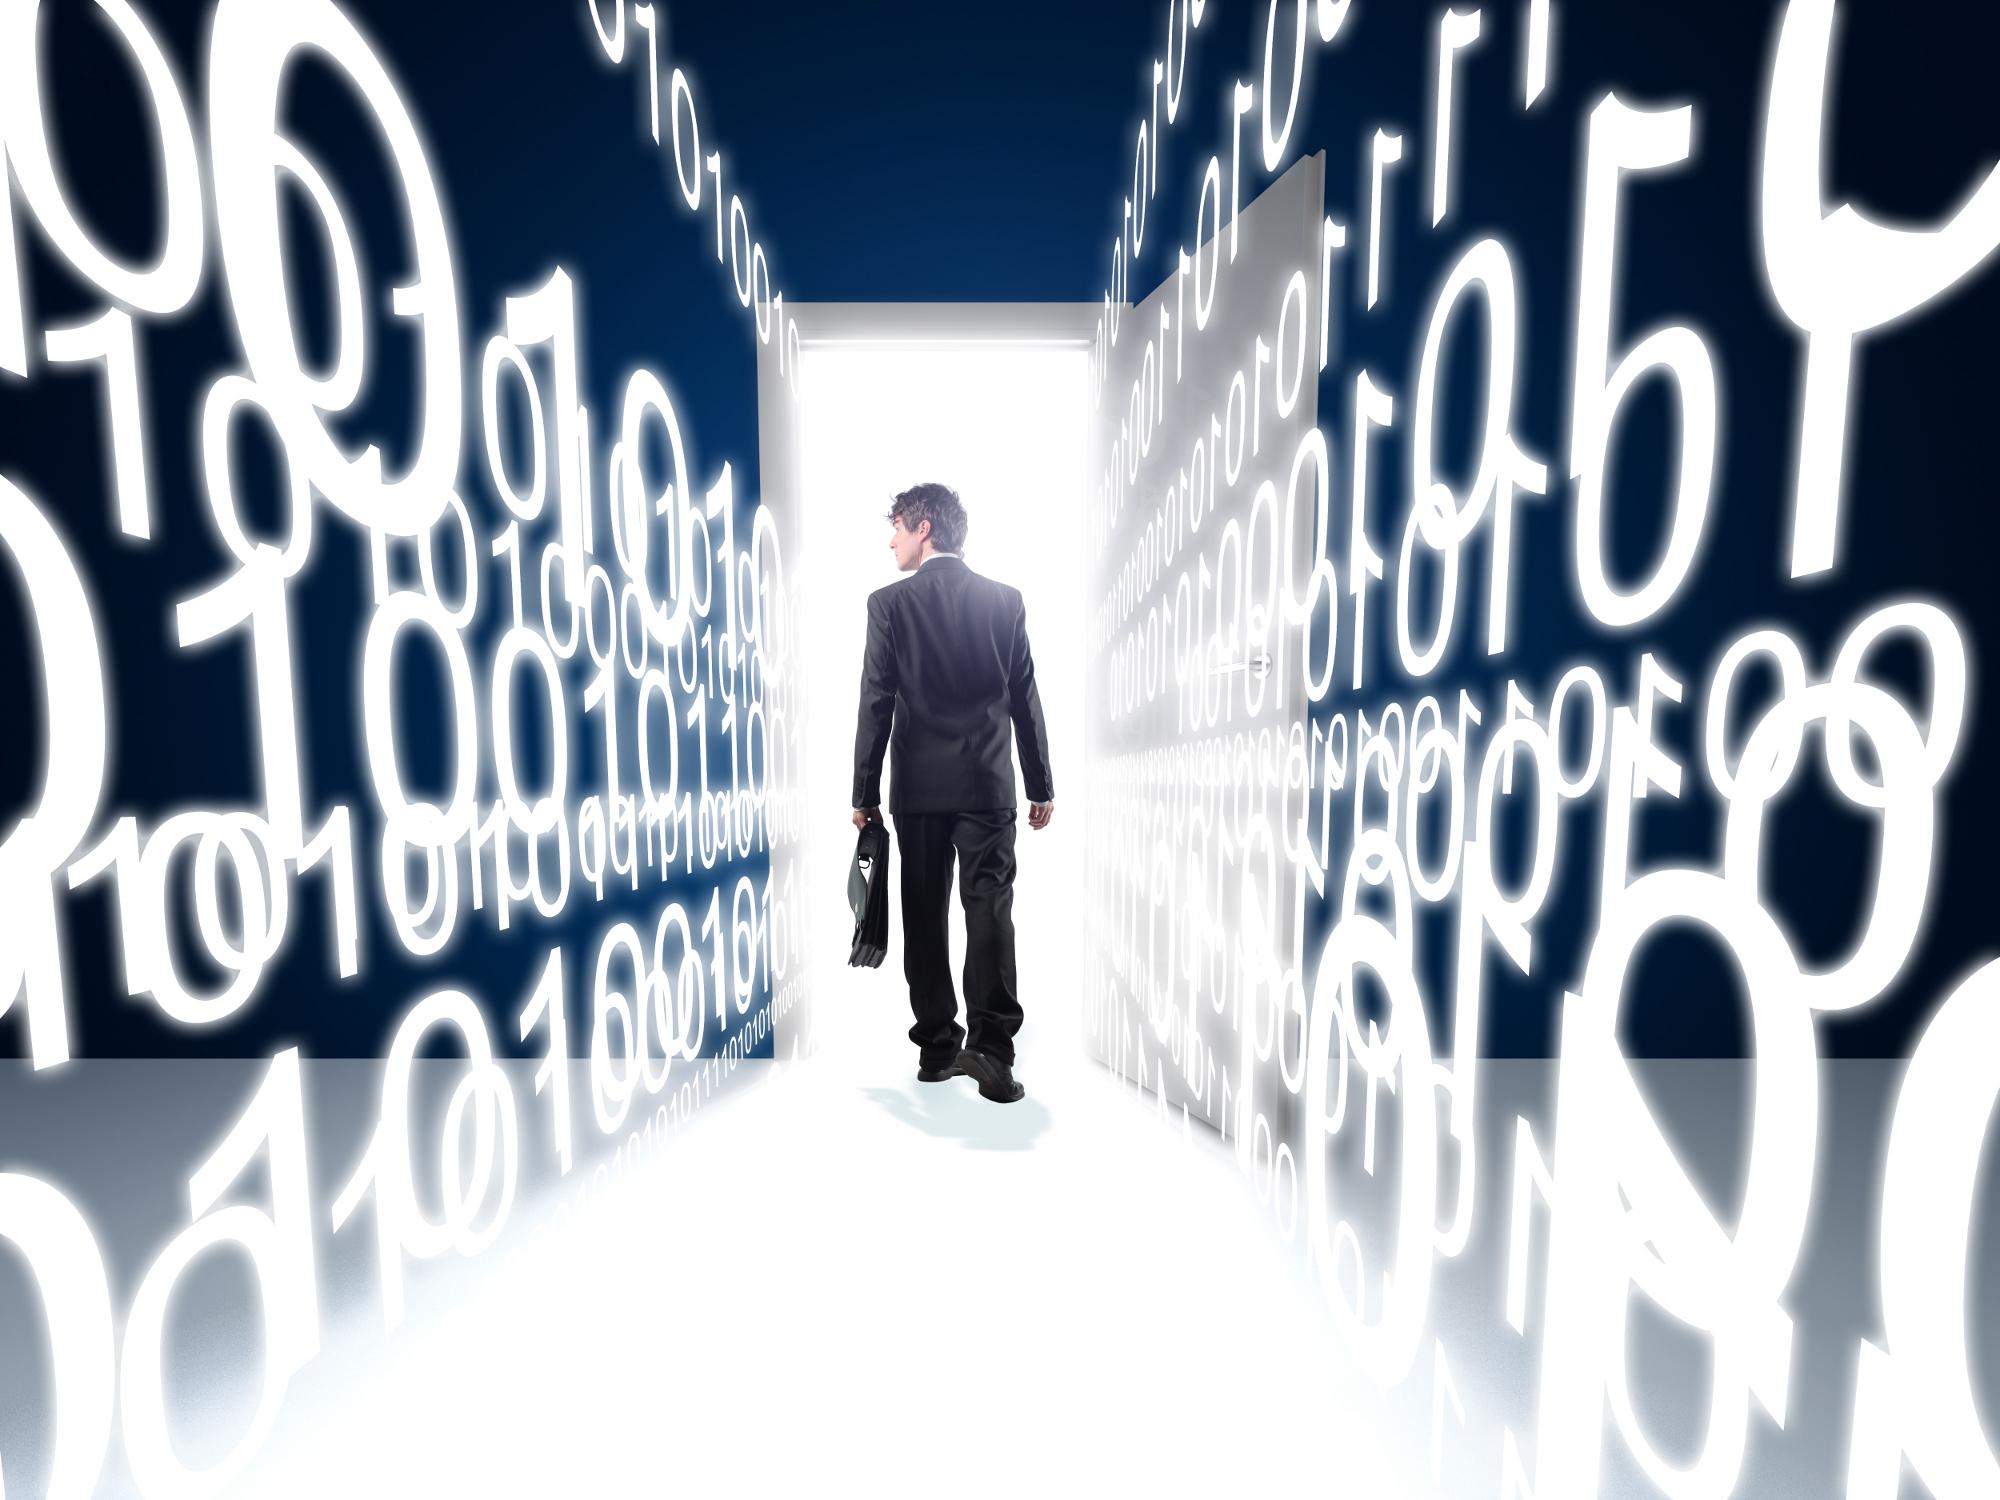 Denodo riconosciuto come leader nel The Forrester Wave: Enterprise Data Fabric Q2 2020